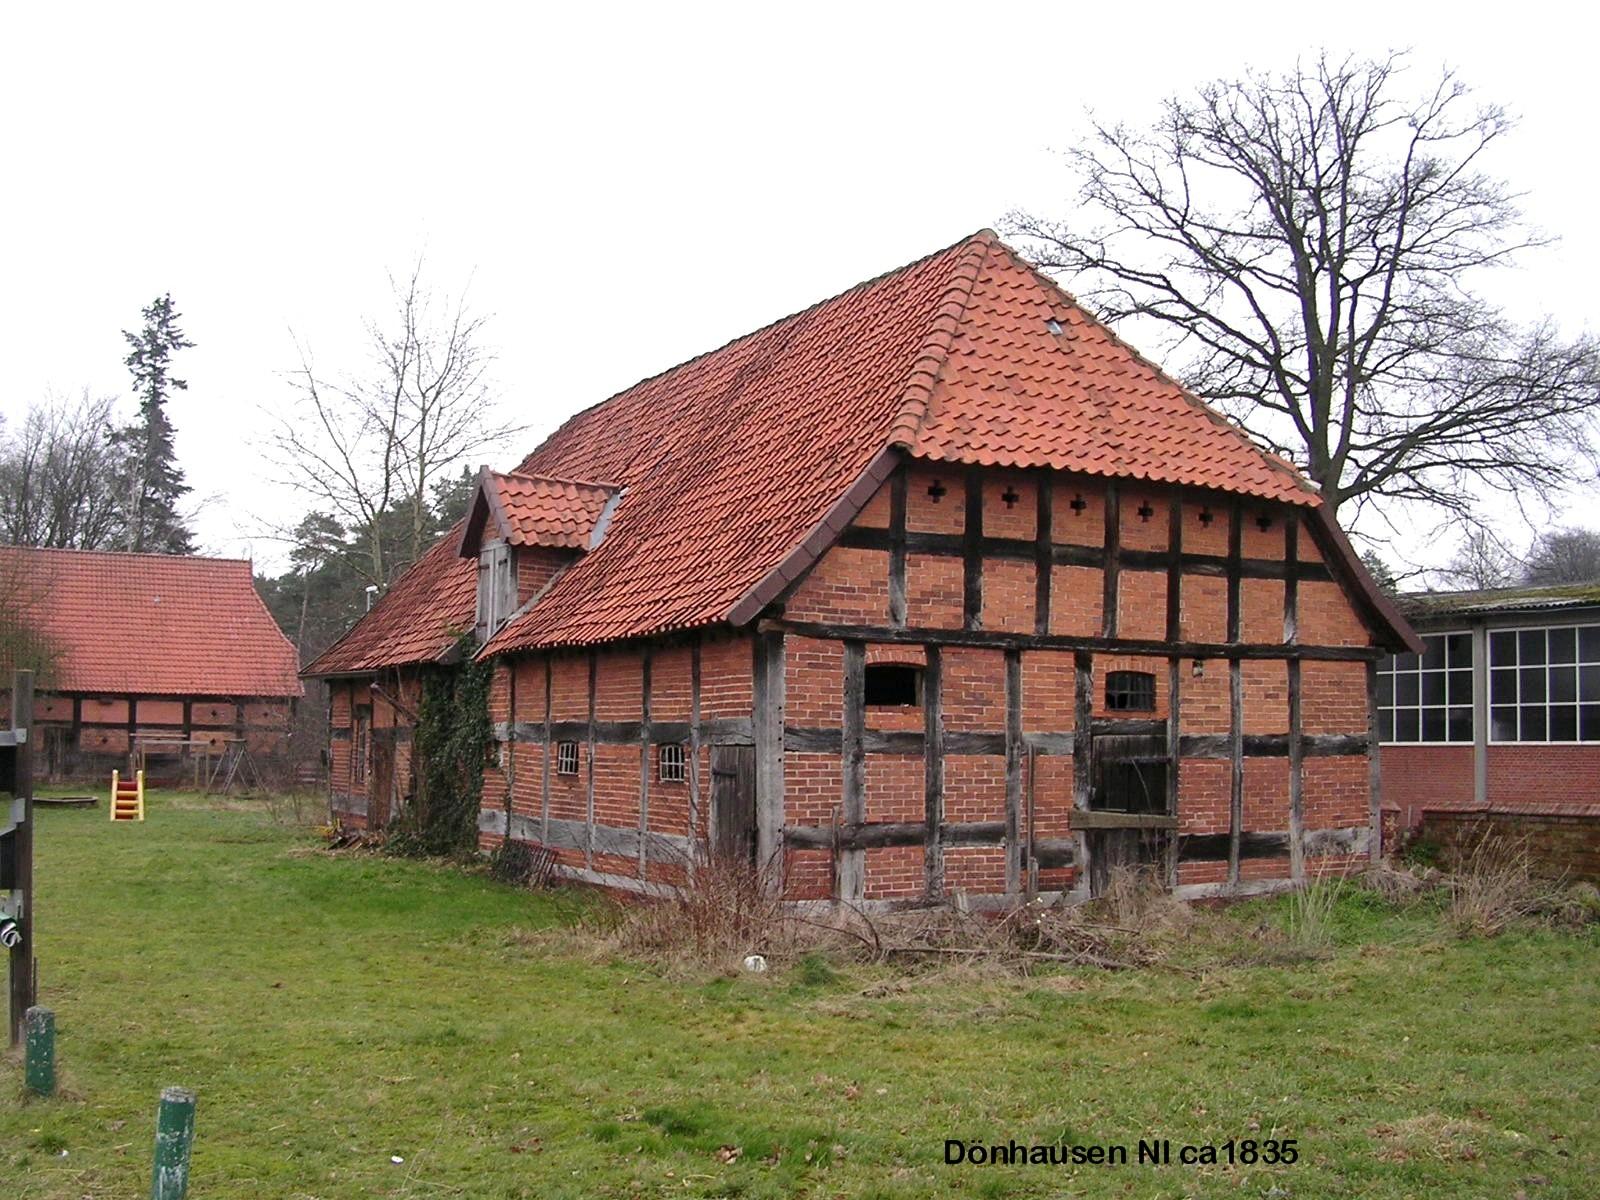 a-doenhausen-ni-1835